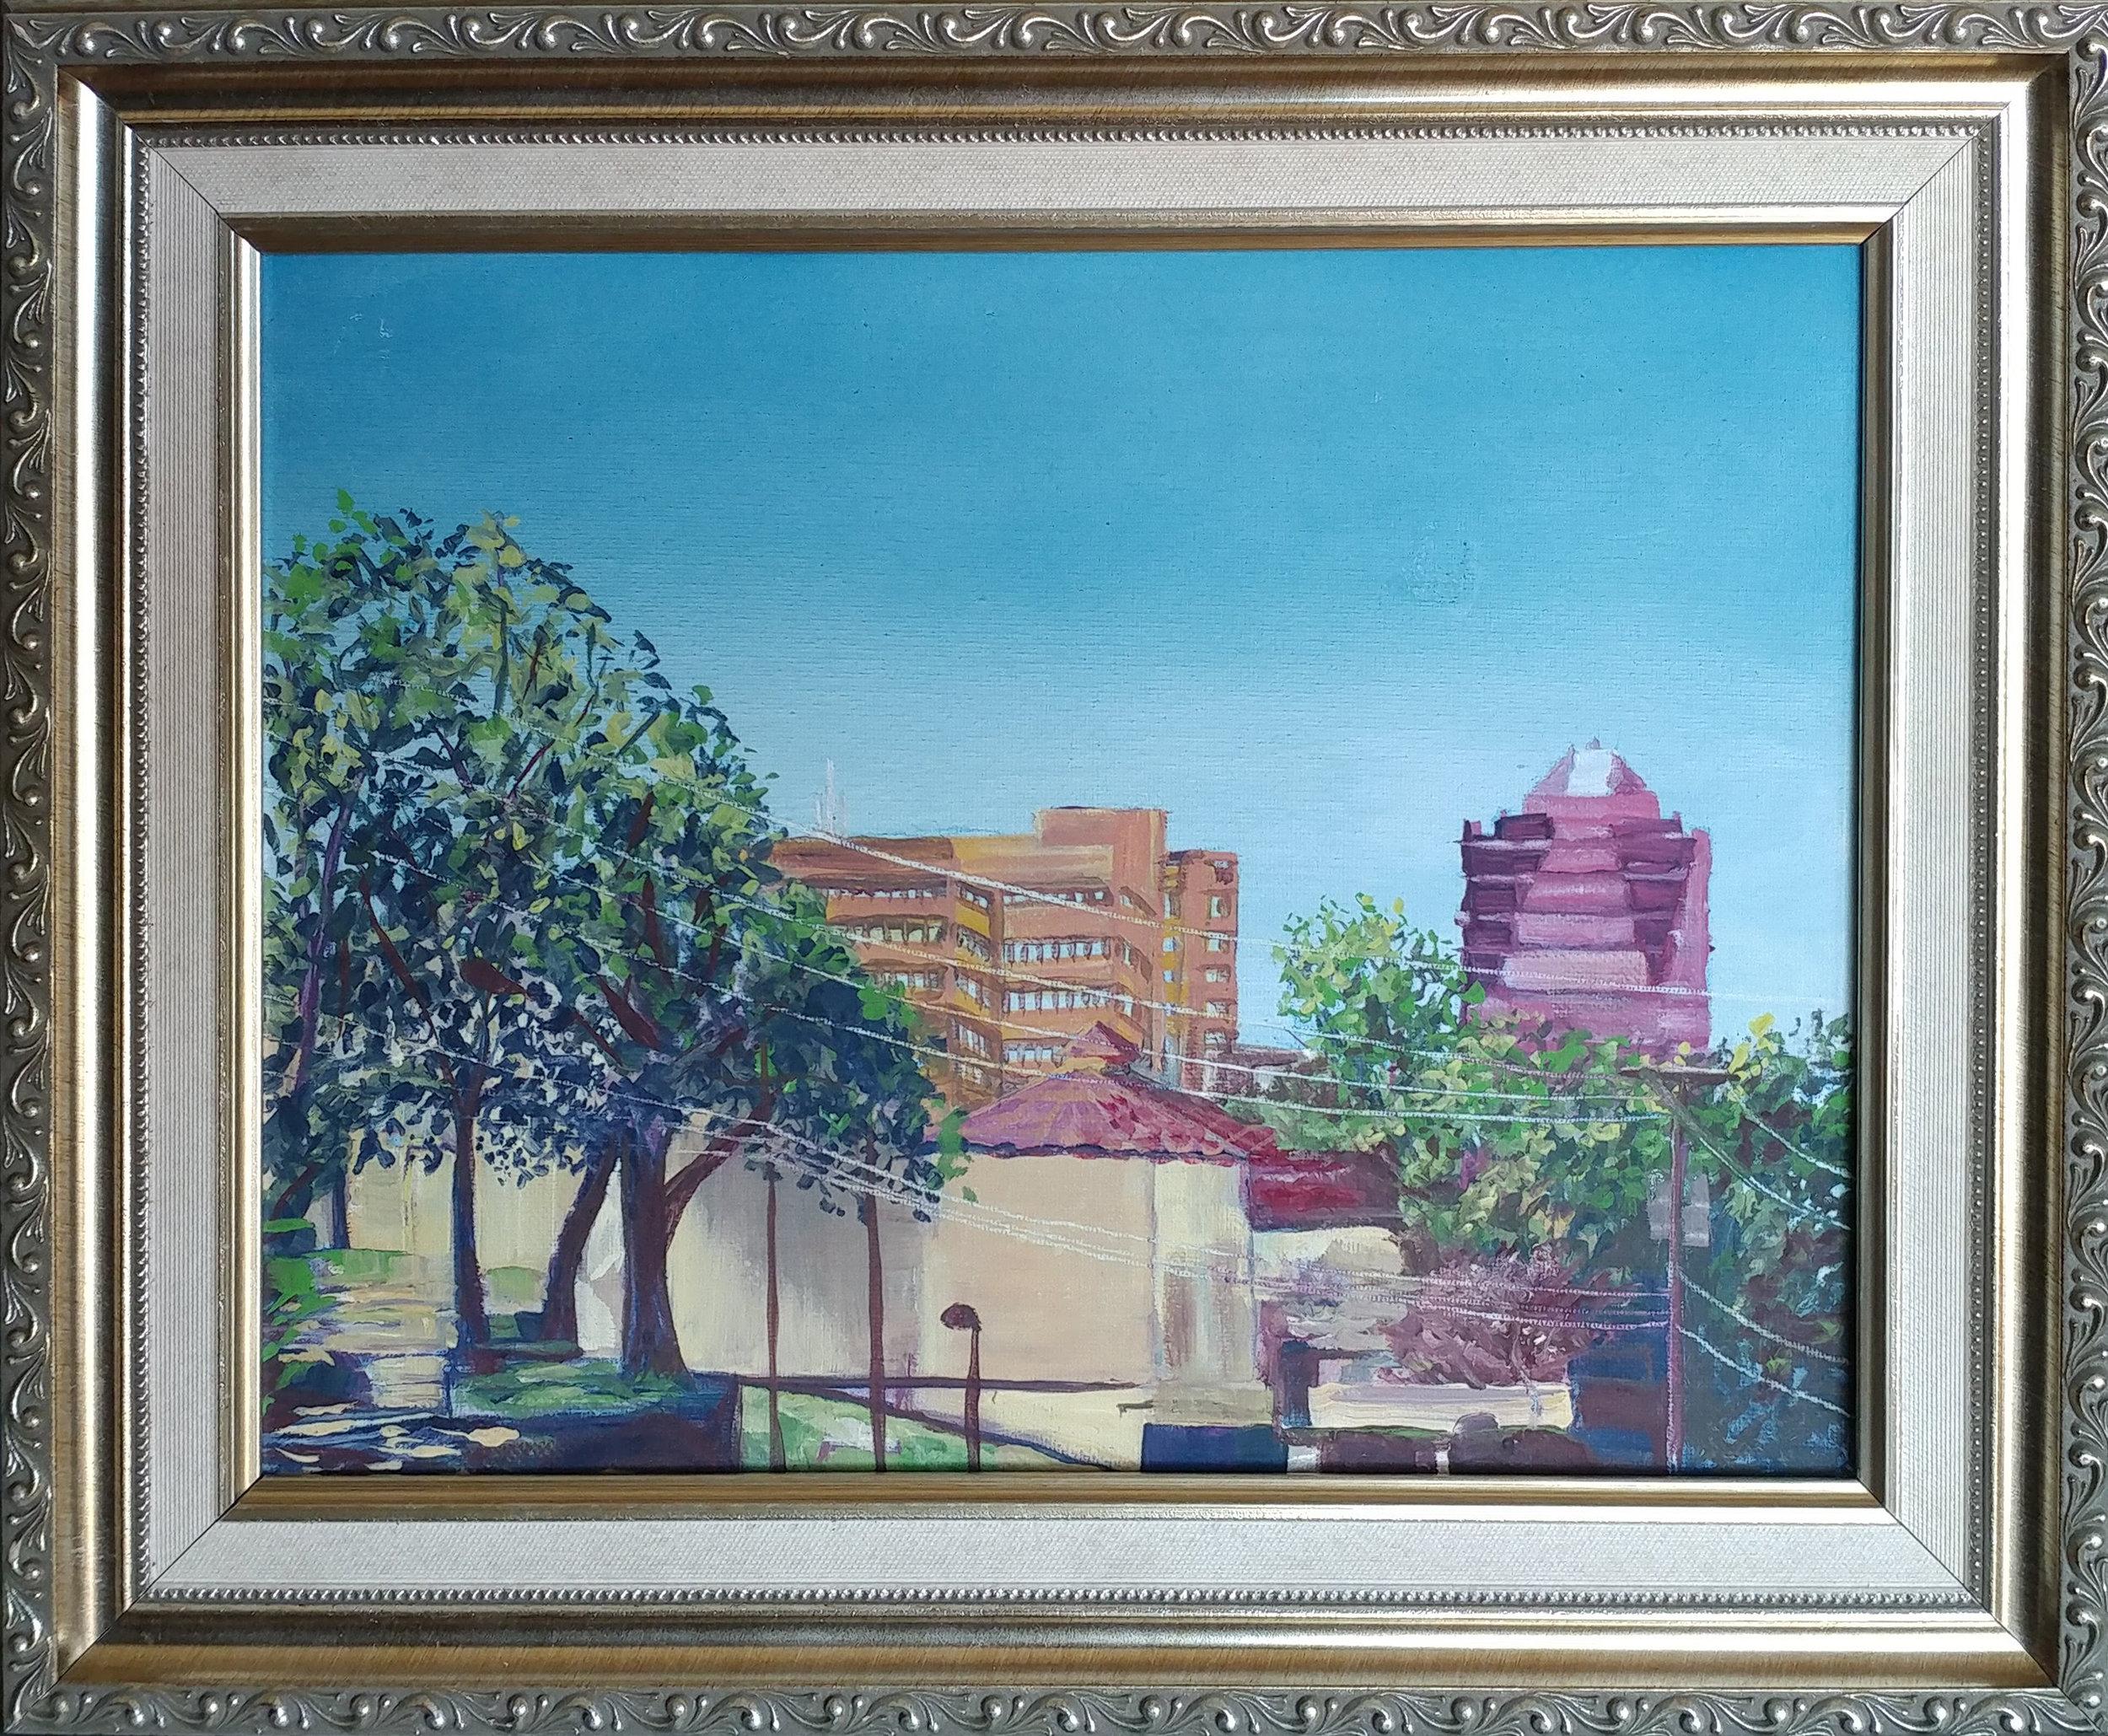 Westport plein air- Westport looking toward main street. Casein on 11X14 canvass, frame is 18x15 inch.